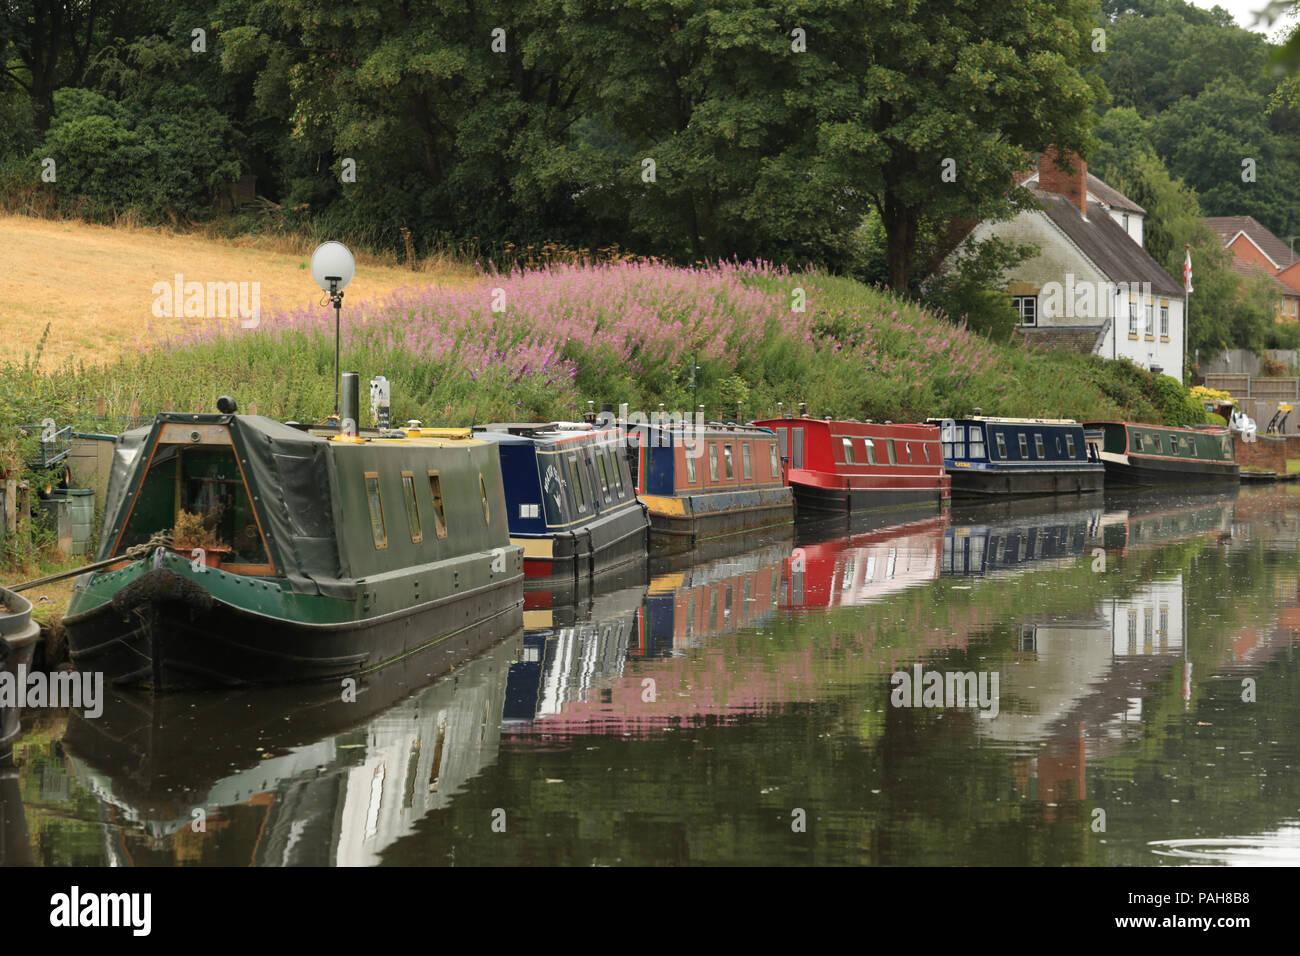 Narrowboats moored on the Staffordshire & Worcestershire canal at Stourton, near Stourbridge, West midlands, UK. - Stock Image